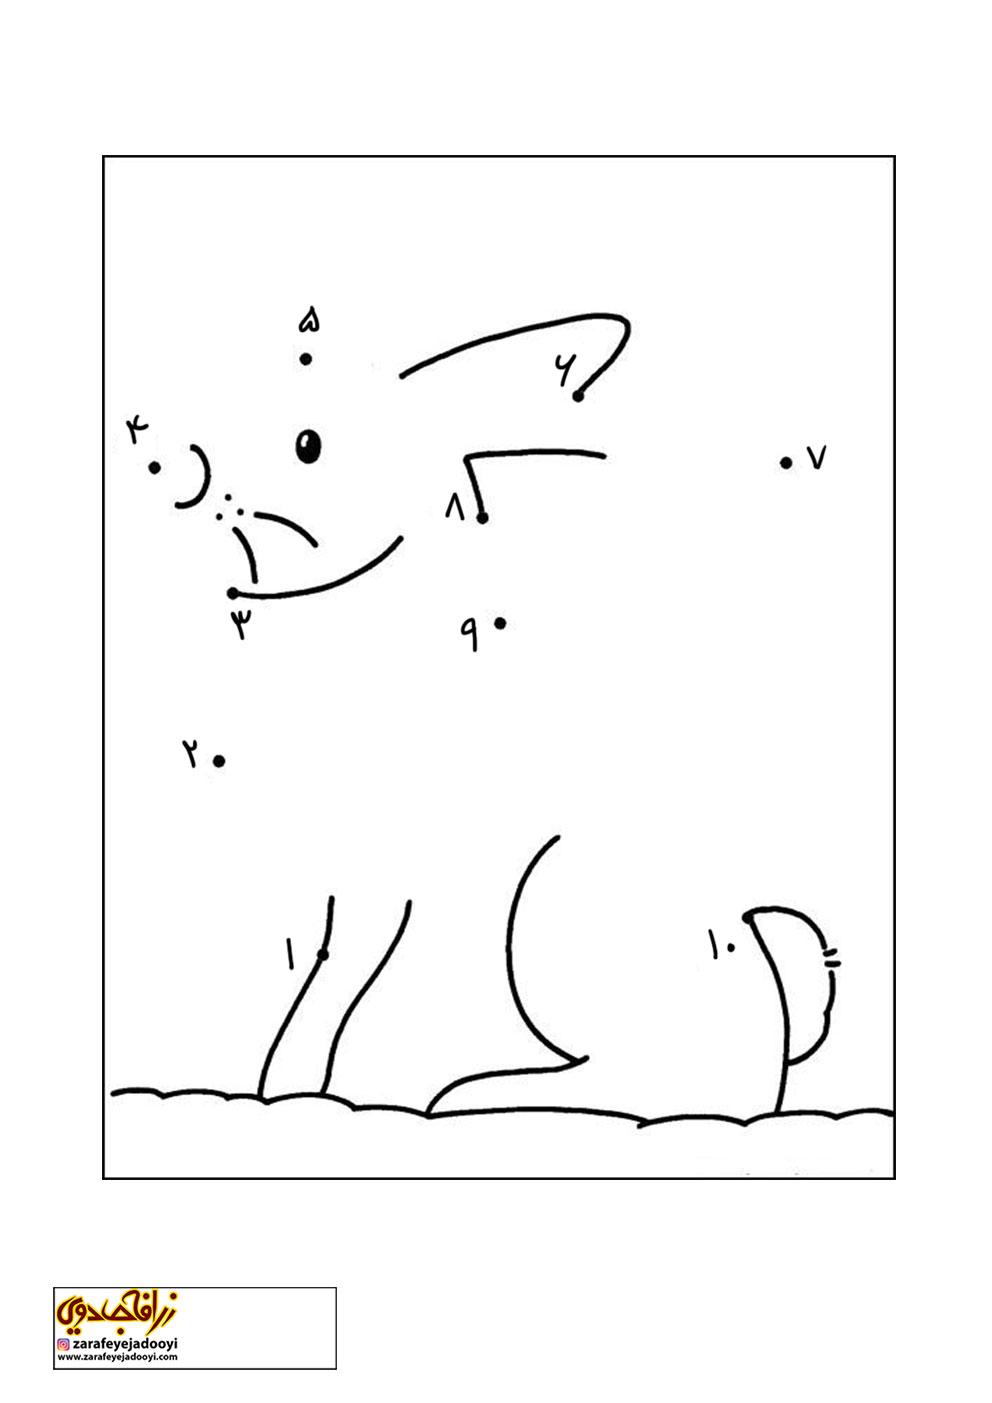 زرافه-جادویی-نقاشی-نقطه-به-نقطه-046